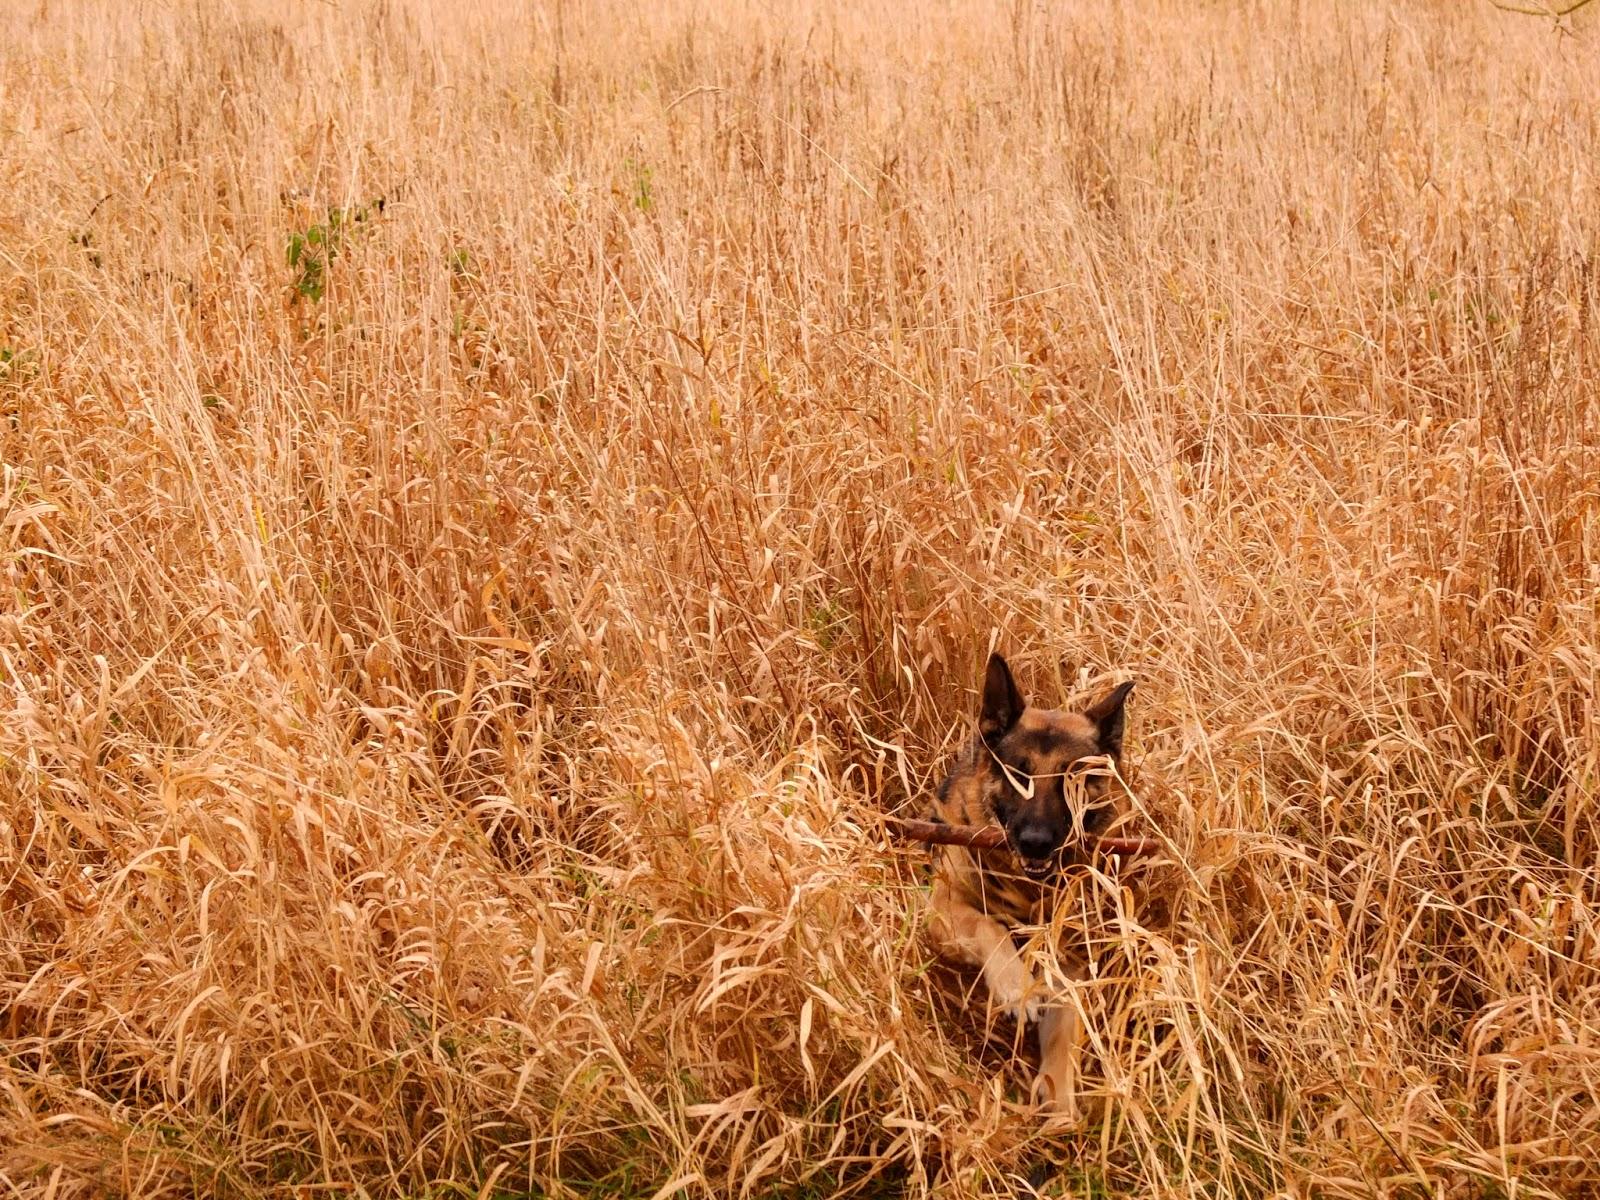 A German Shepherd Steve bringing back a stick through long grass.